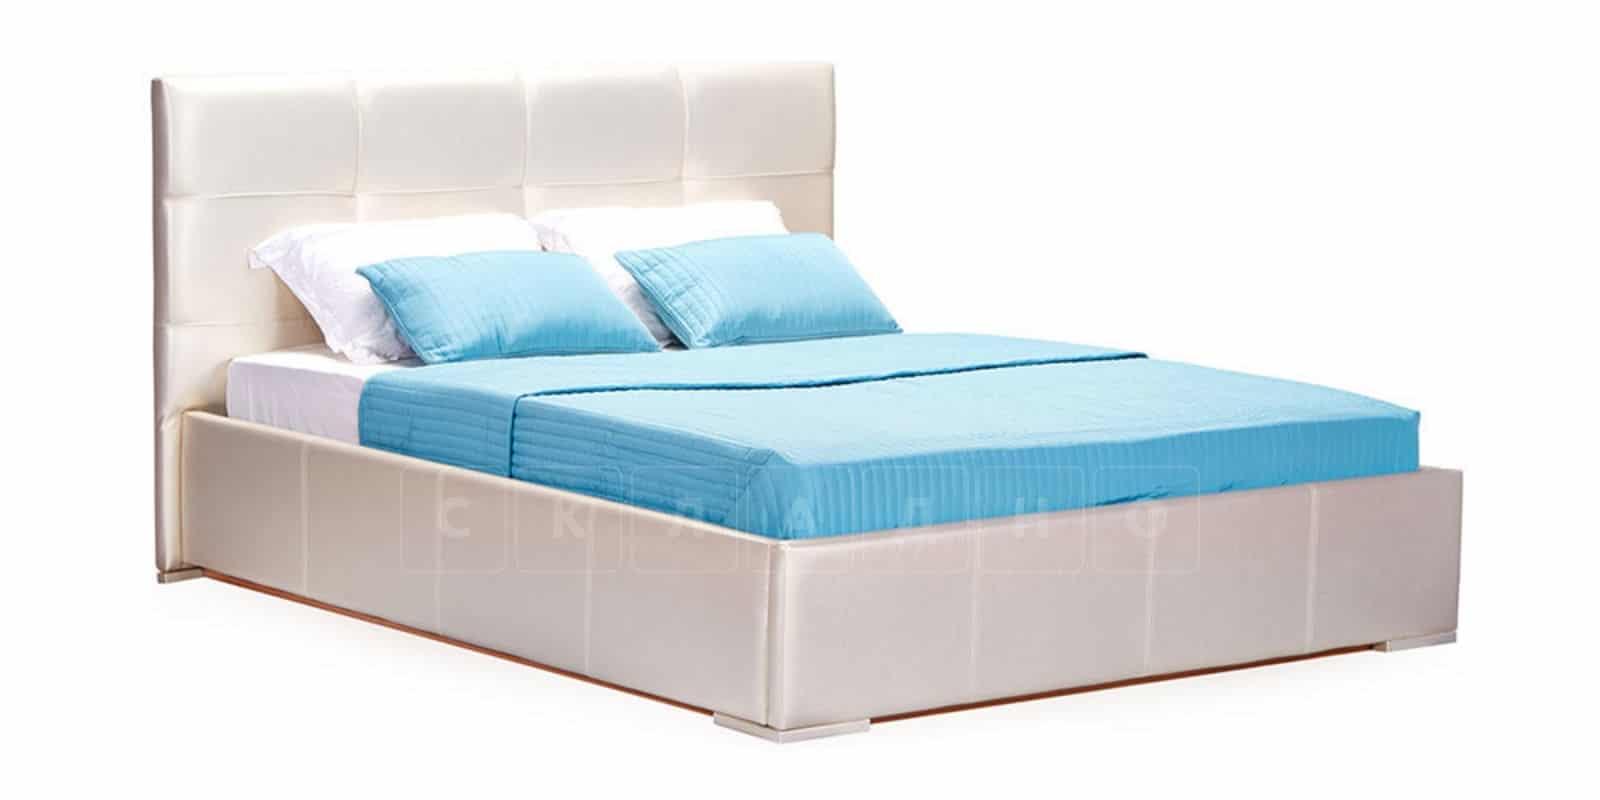 Мягкая кровать Лайф 160см перламутр с подъемным механизмом фото 2 | интернет-магазин Складно